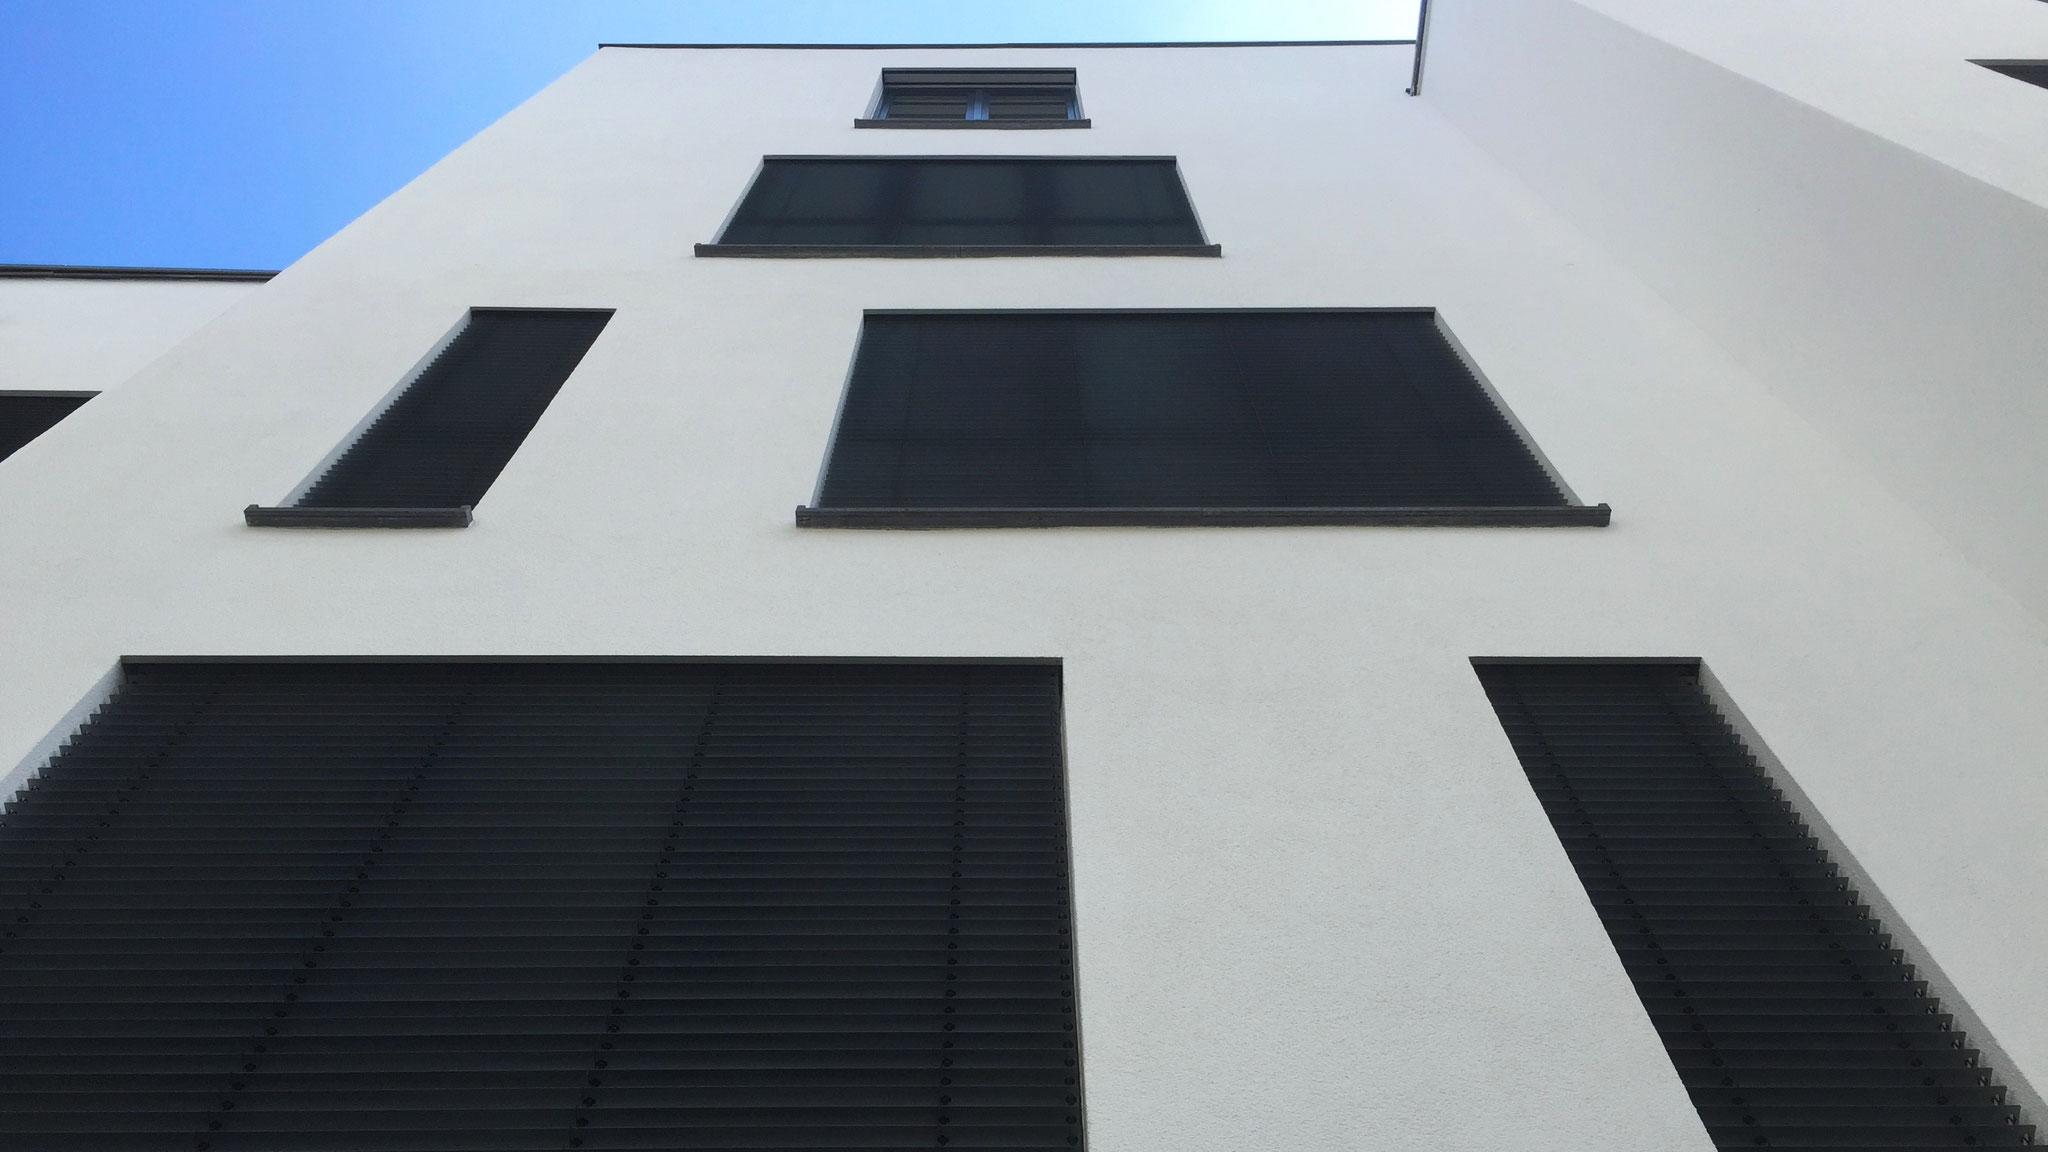 Townhouse in der Kölner Innenstadt - verkauft zum vollen Kaufpreis